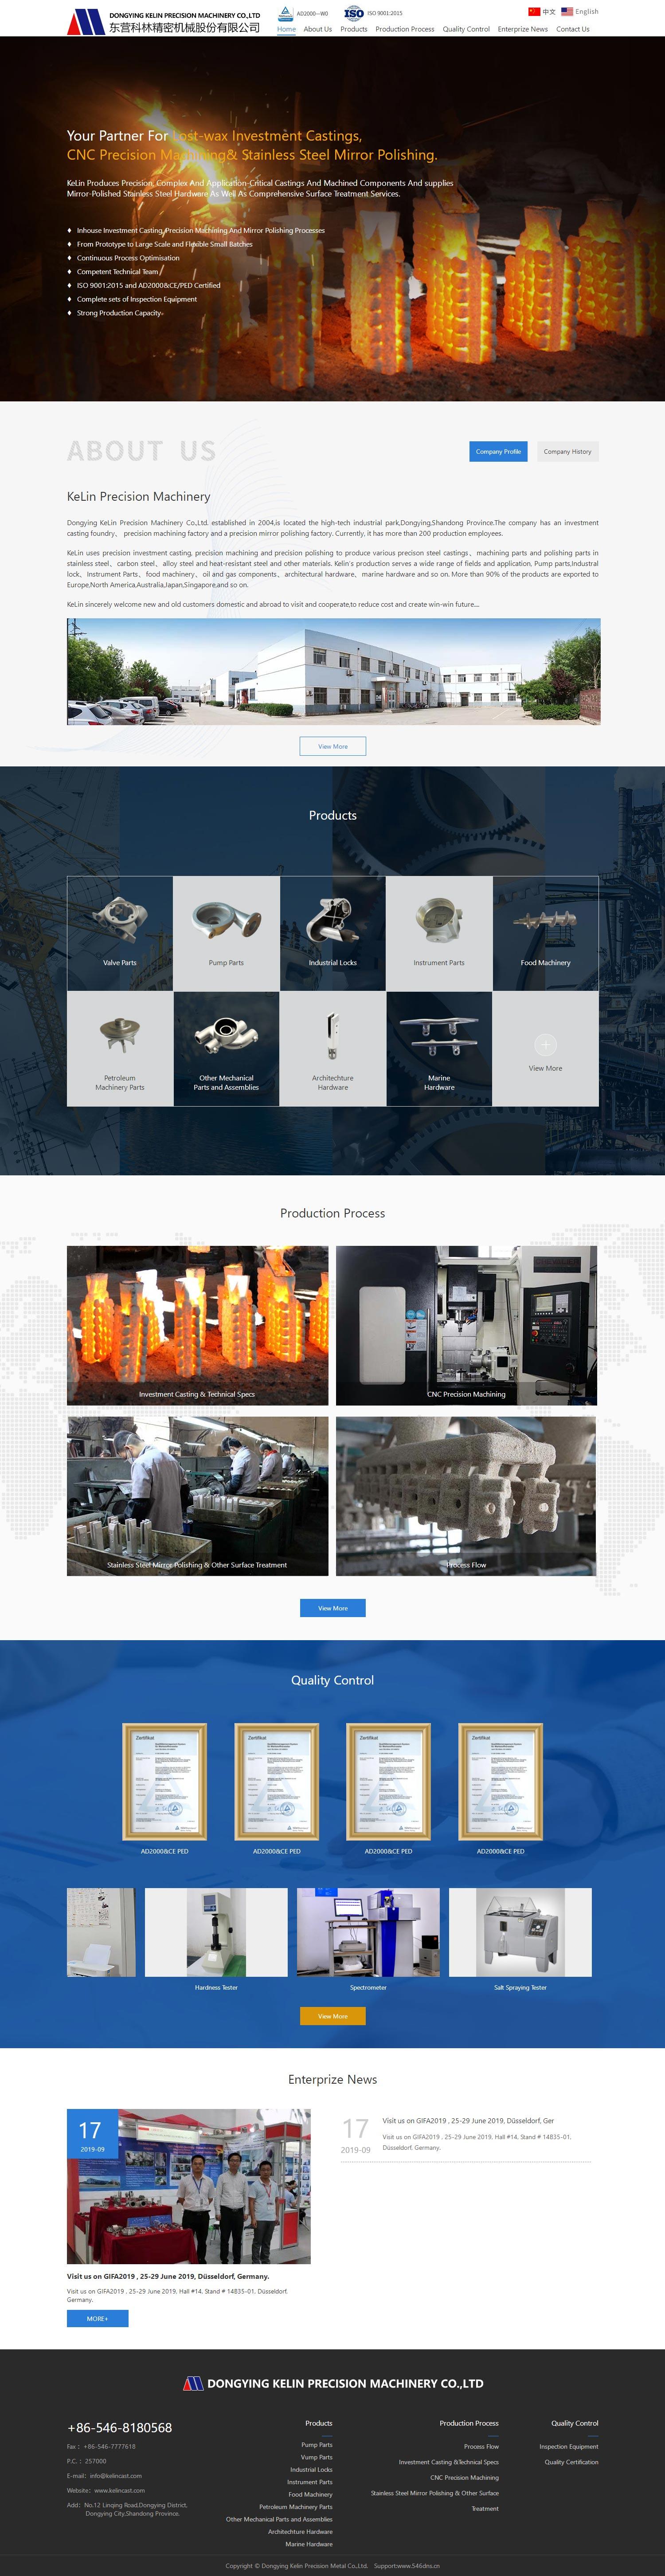 东营科林精密机械股份有限公司网站建设完成正式上线